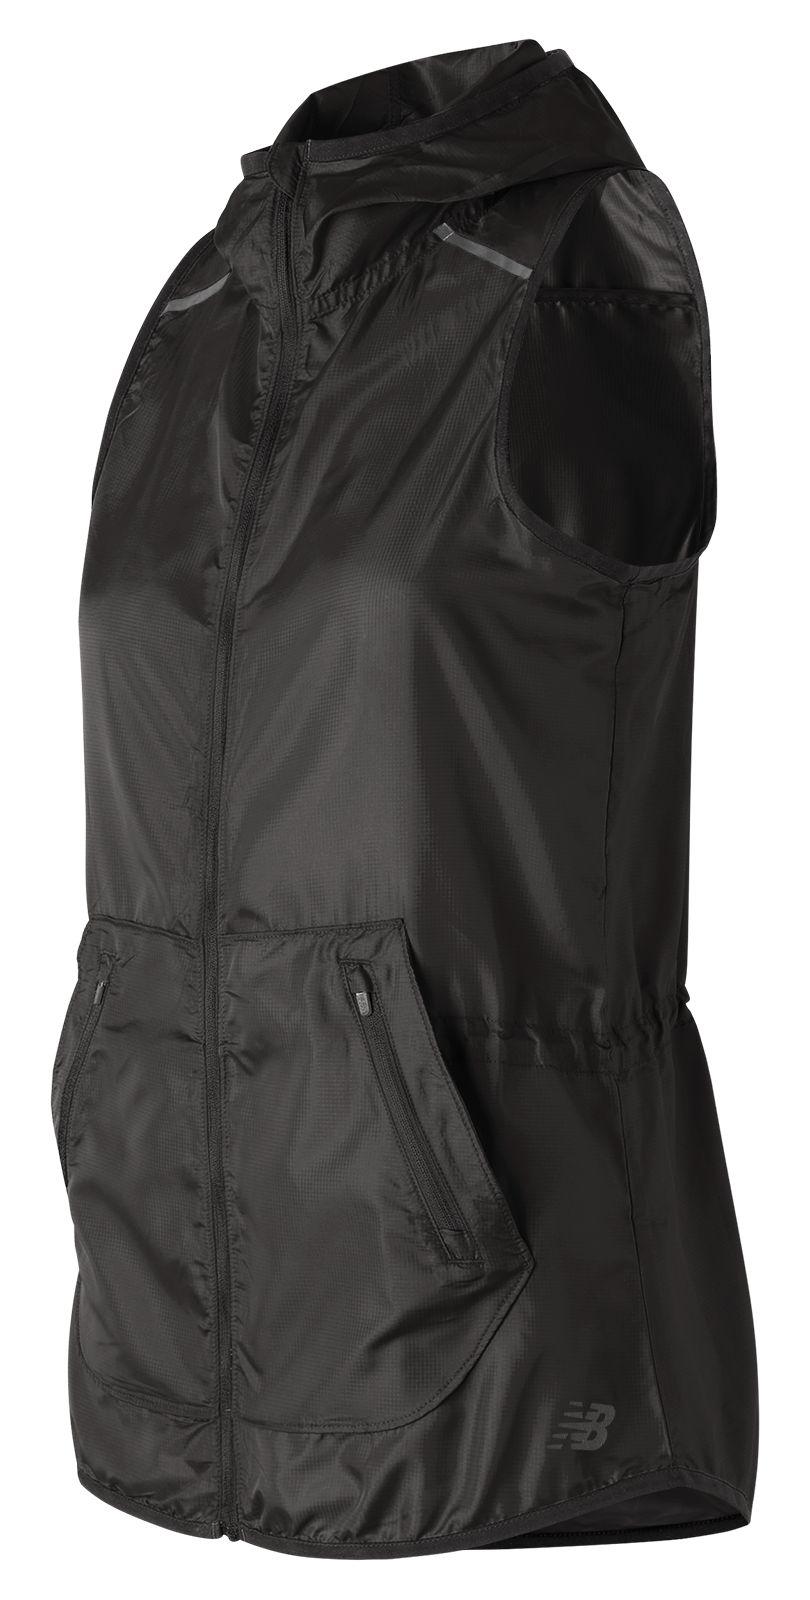 NB Windcheater Vest, Black